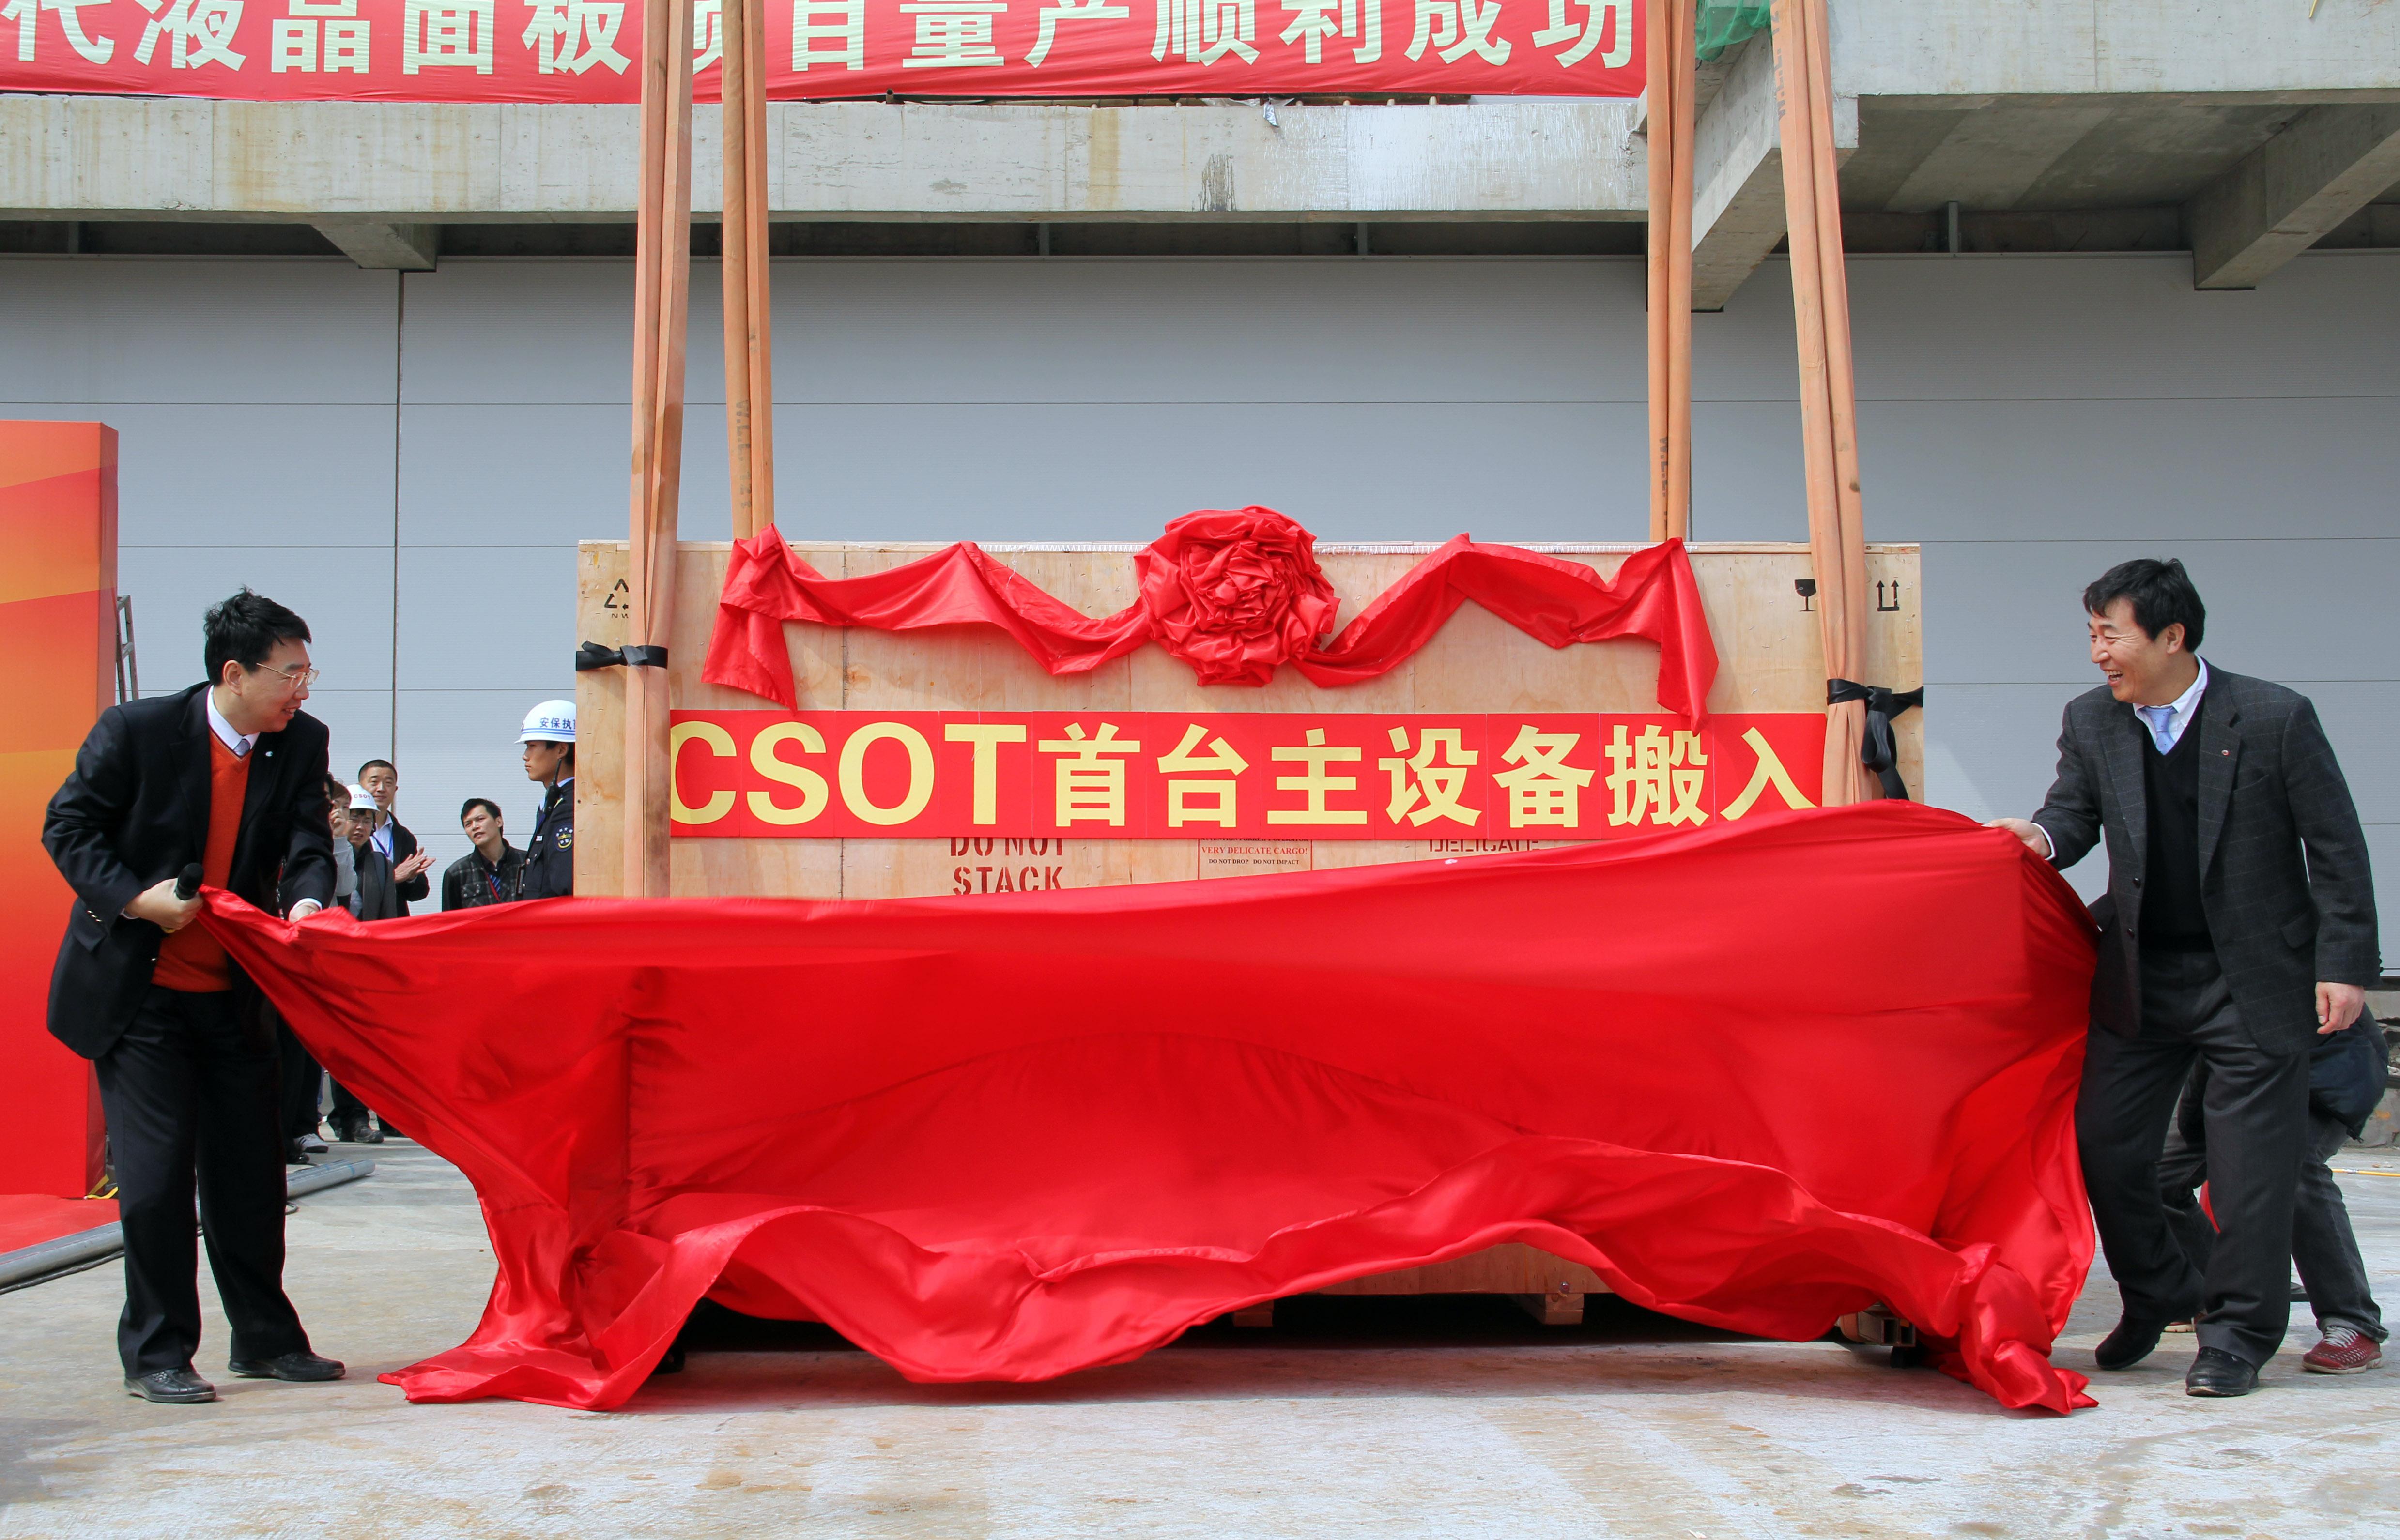 华星首台主设备搬入厂房,标志着项目转入生产设备安装阶段。